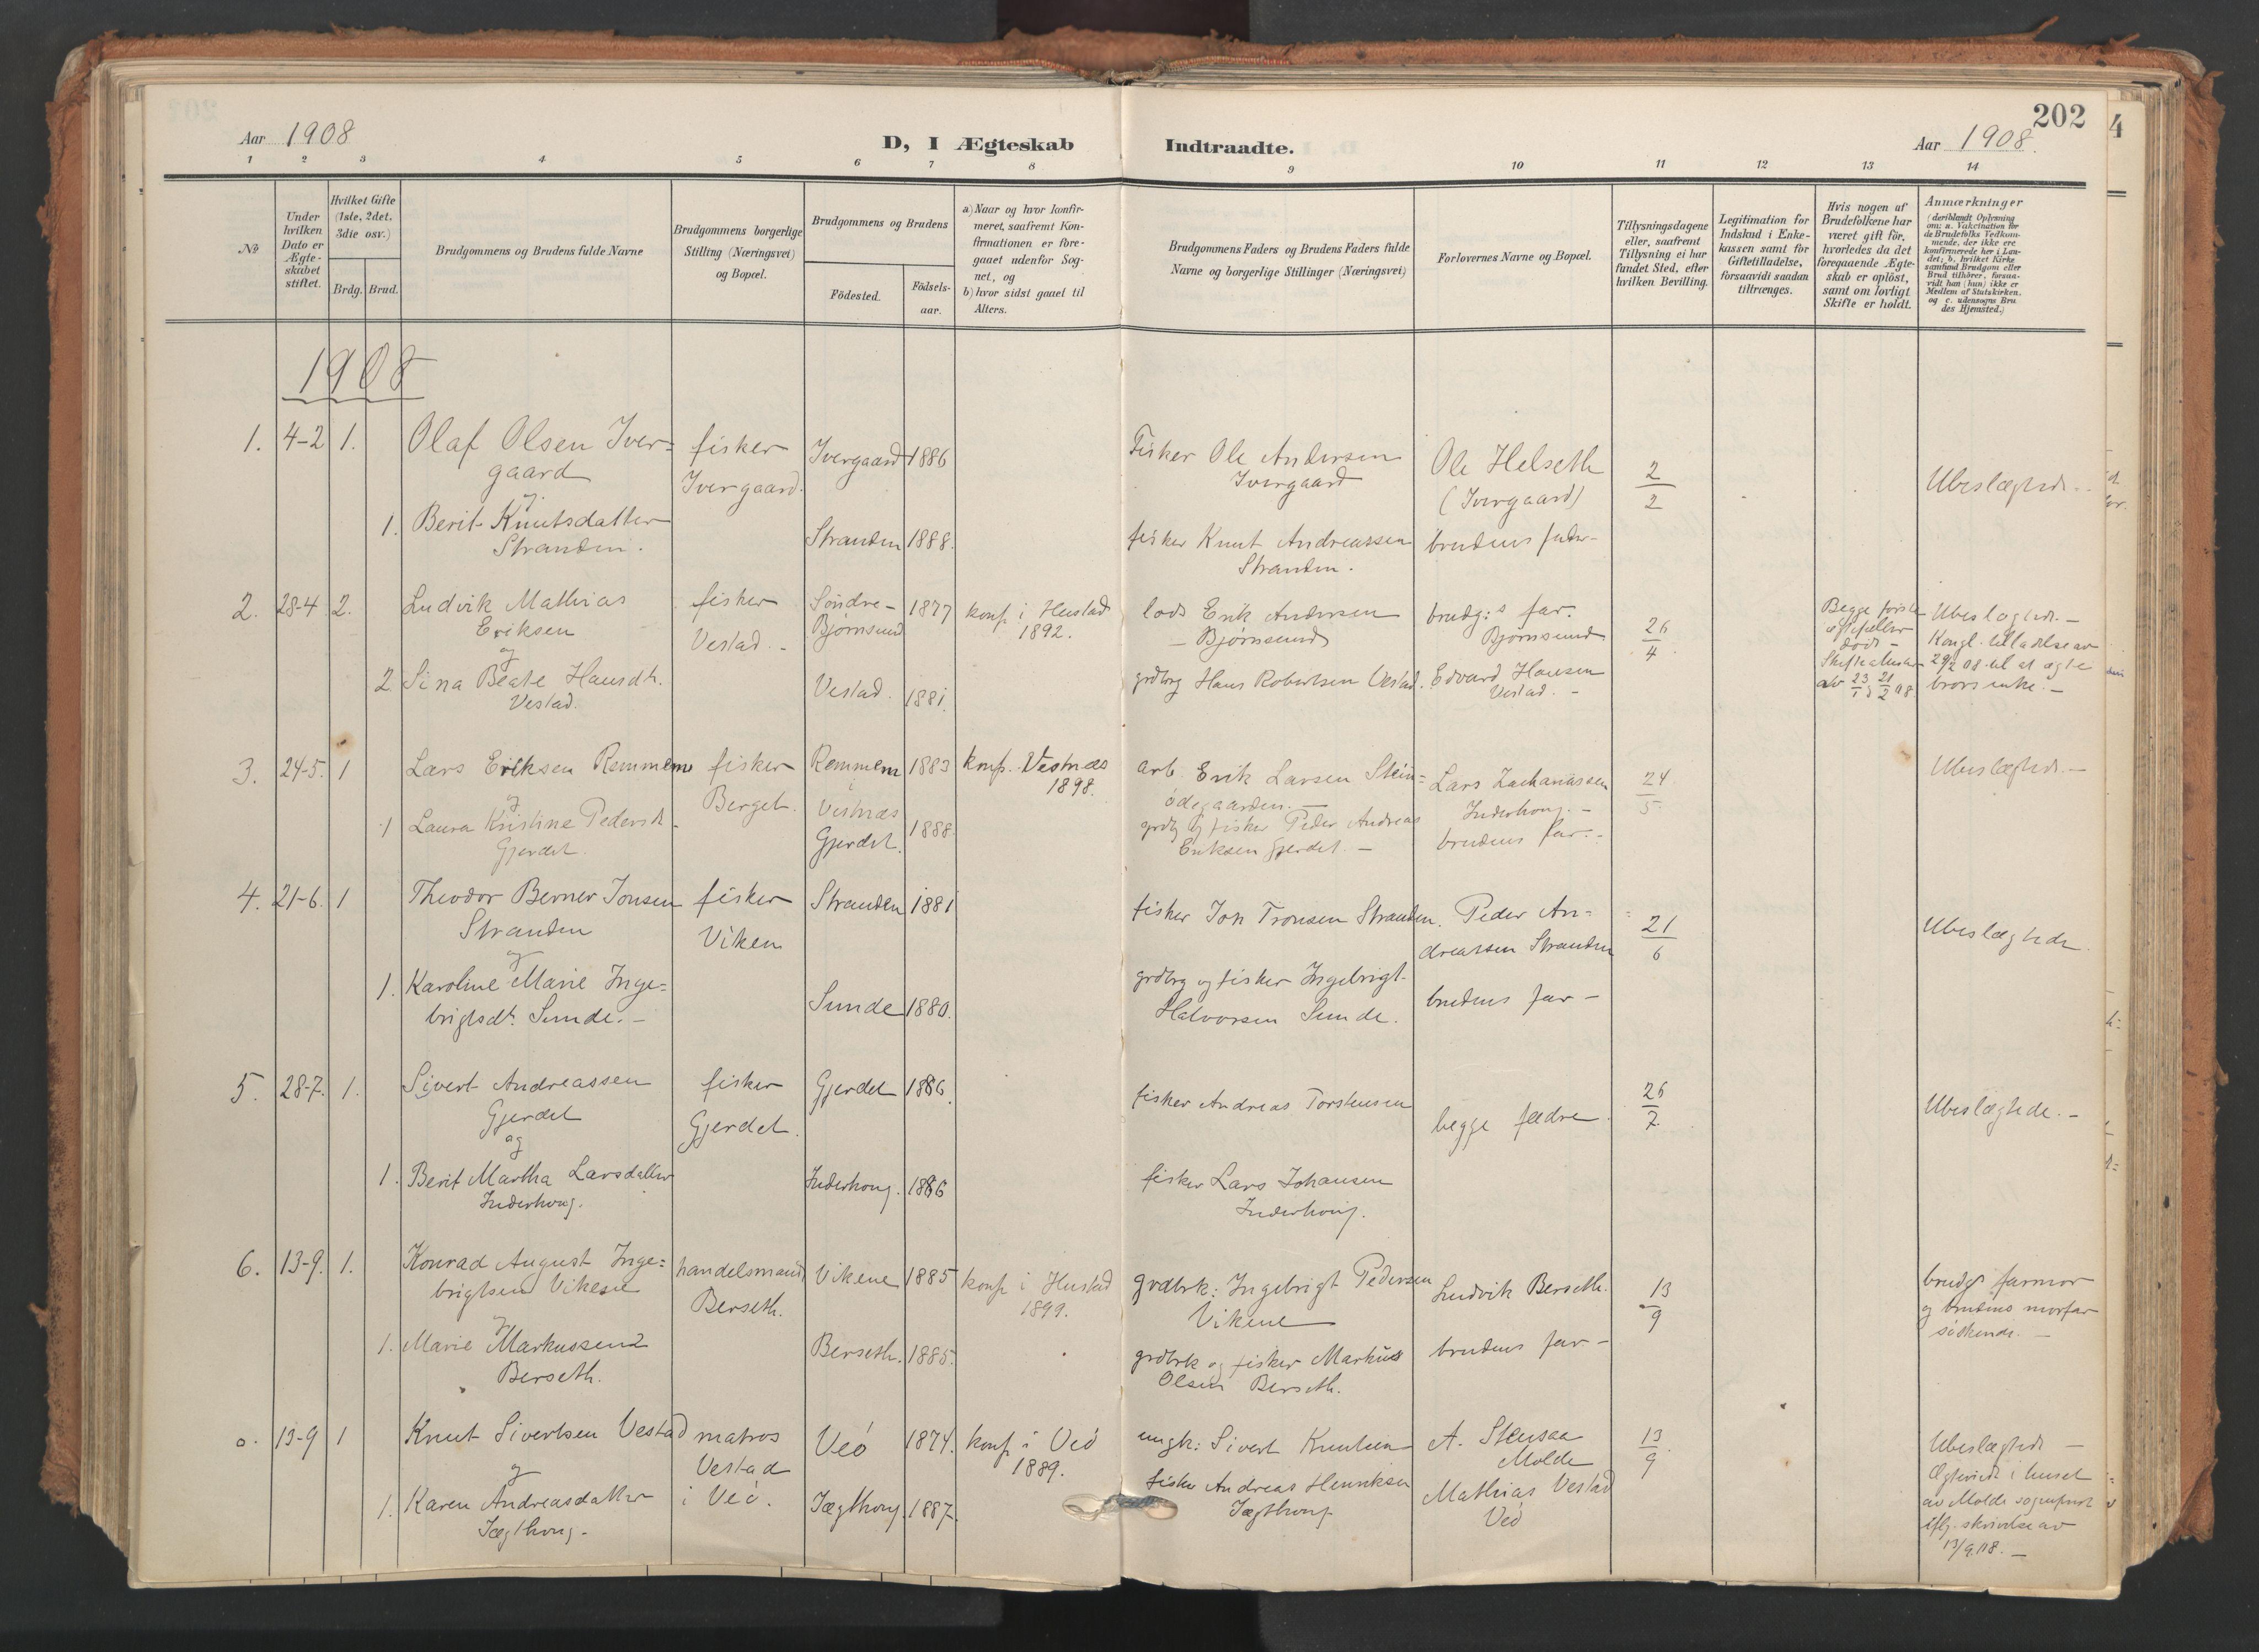 SAT, Ministerialprotokoller, klokkerbøker og fødselsregistre - Møre og Romsdal, 566/L0771: Ministerialbok nr. 566A10, 1904-1929, s. 202